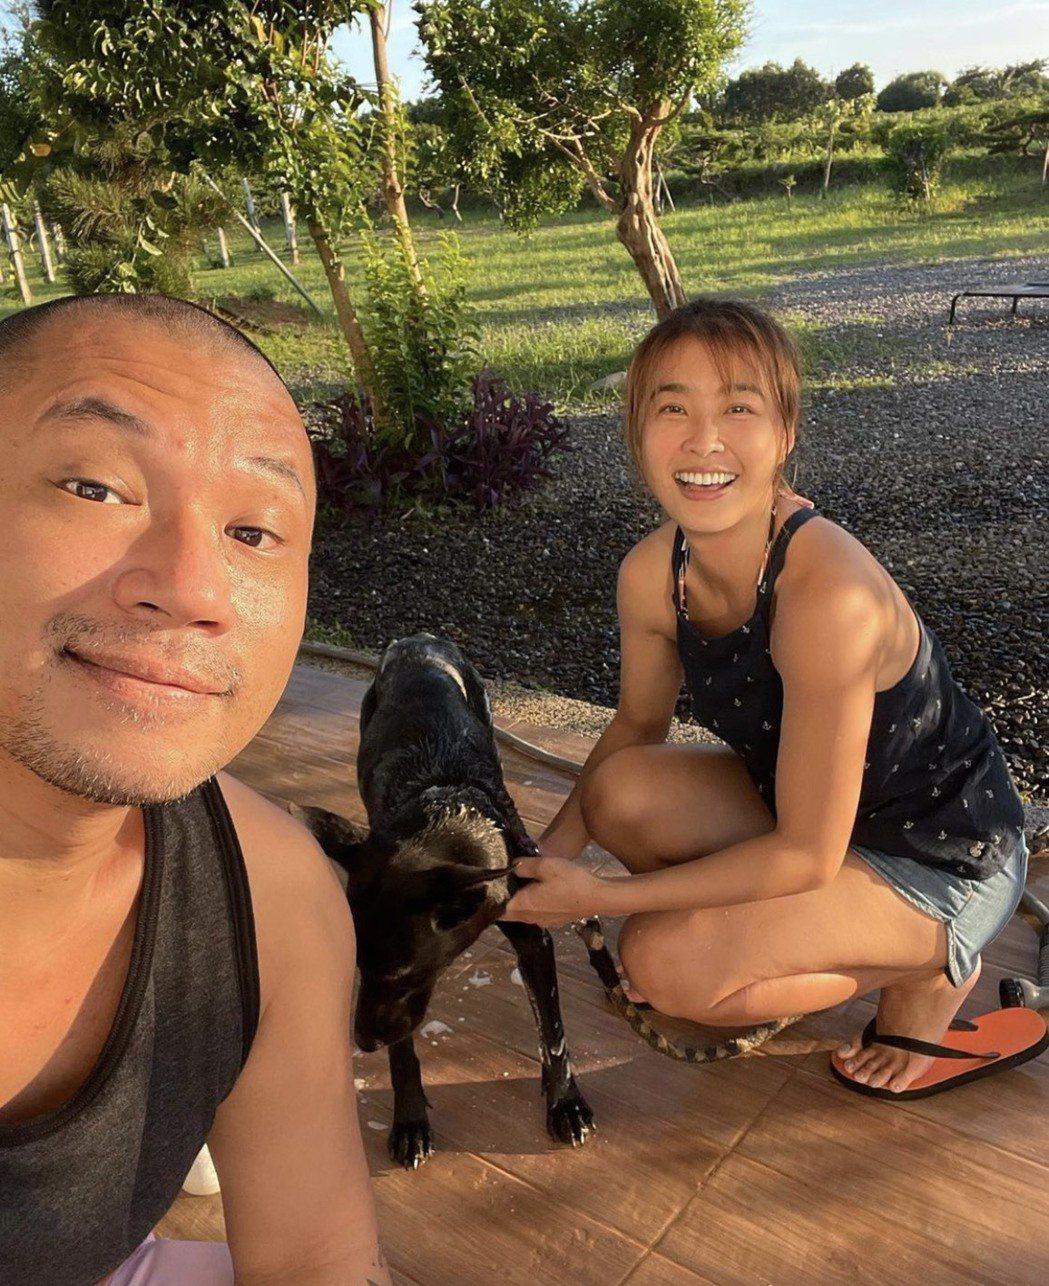 小嫻(右)和金剛很享受南台灣步調緩慢的幸福時光。圖/摘自IG